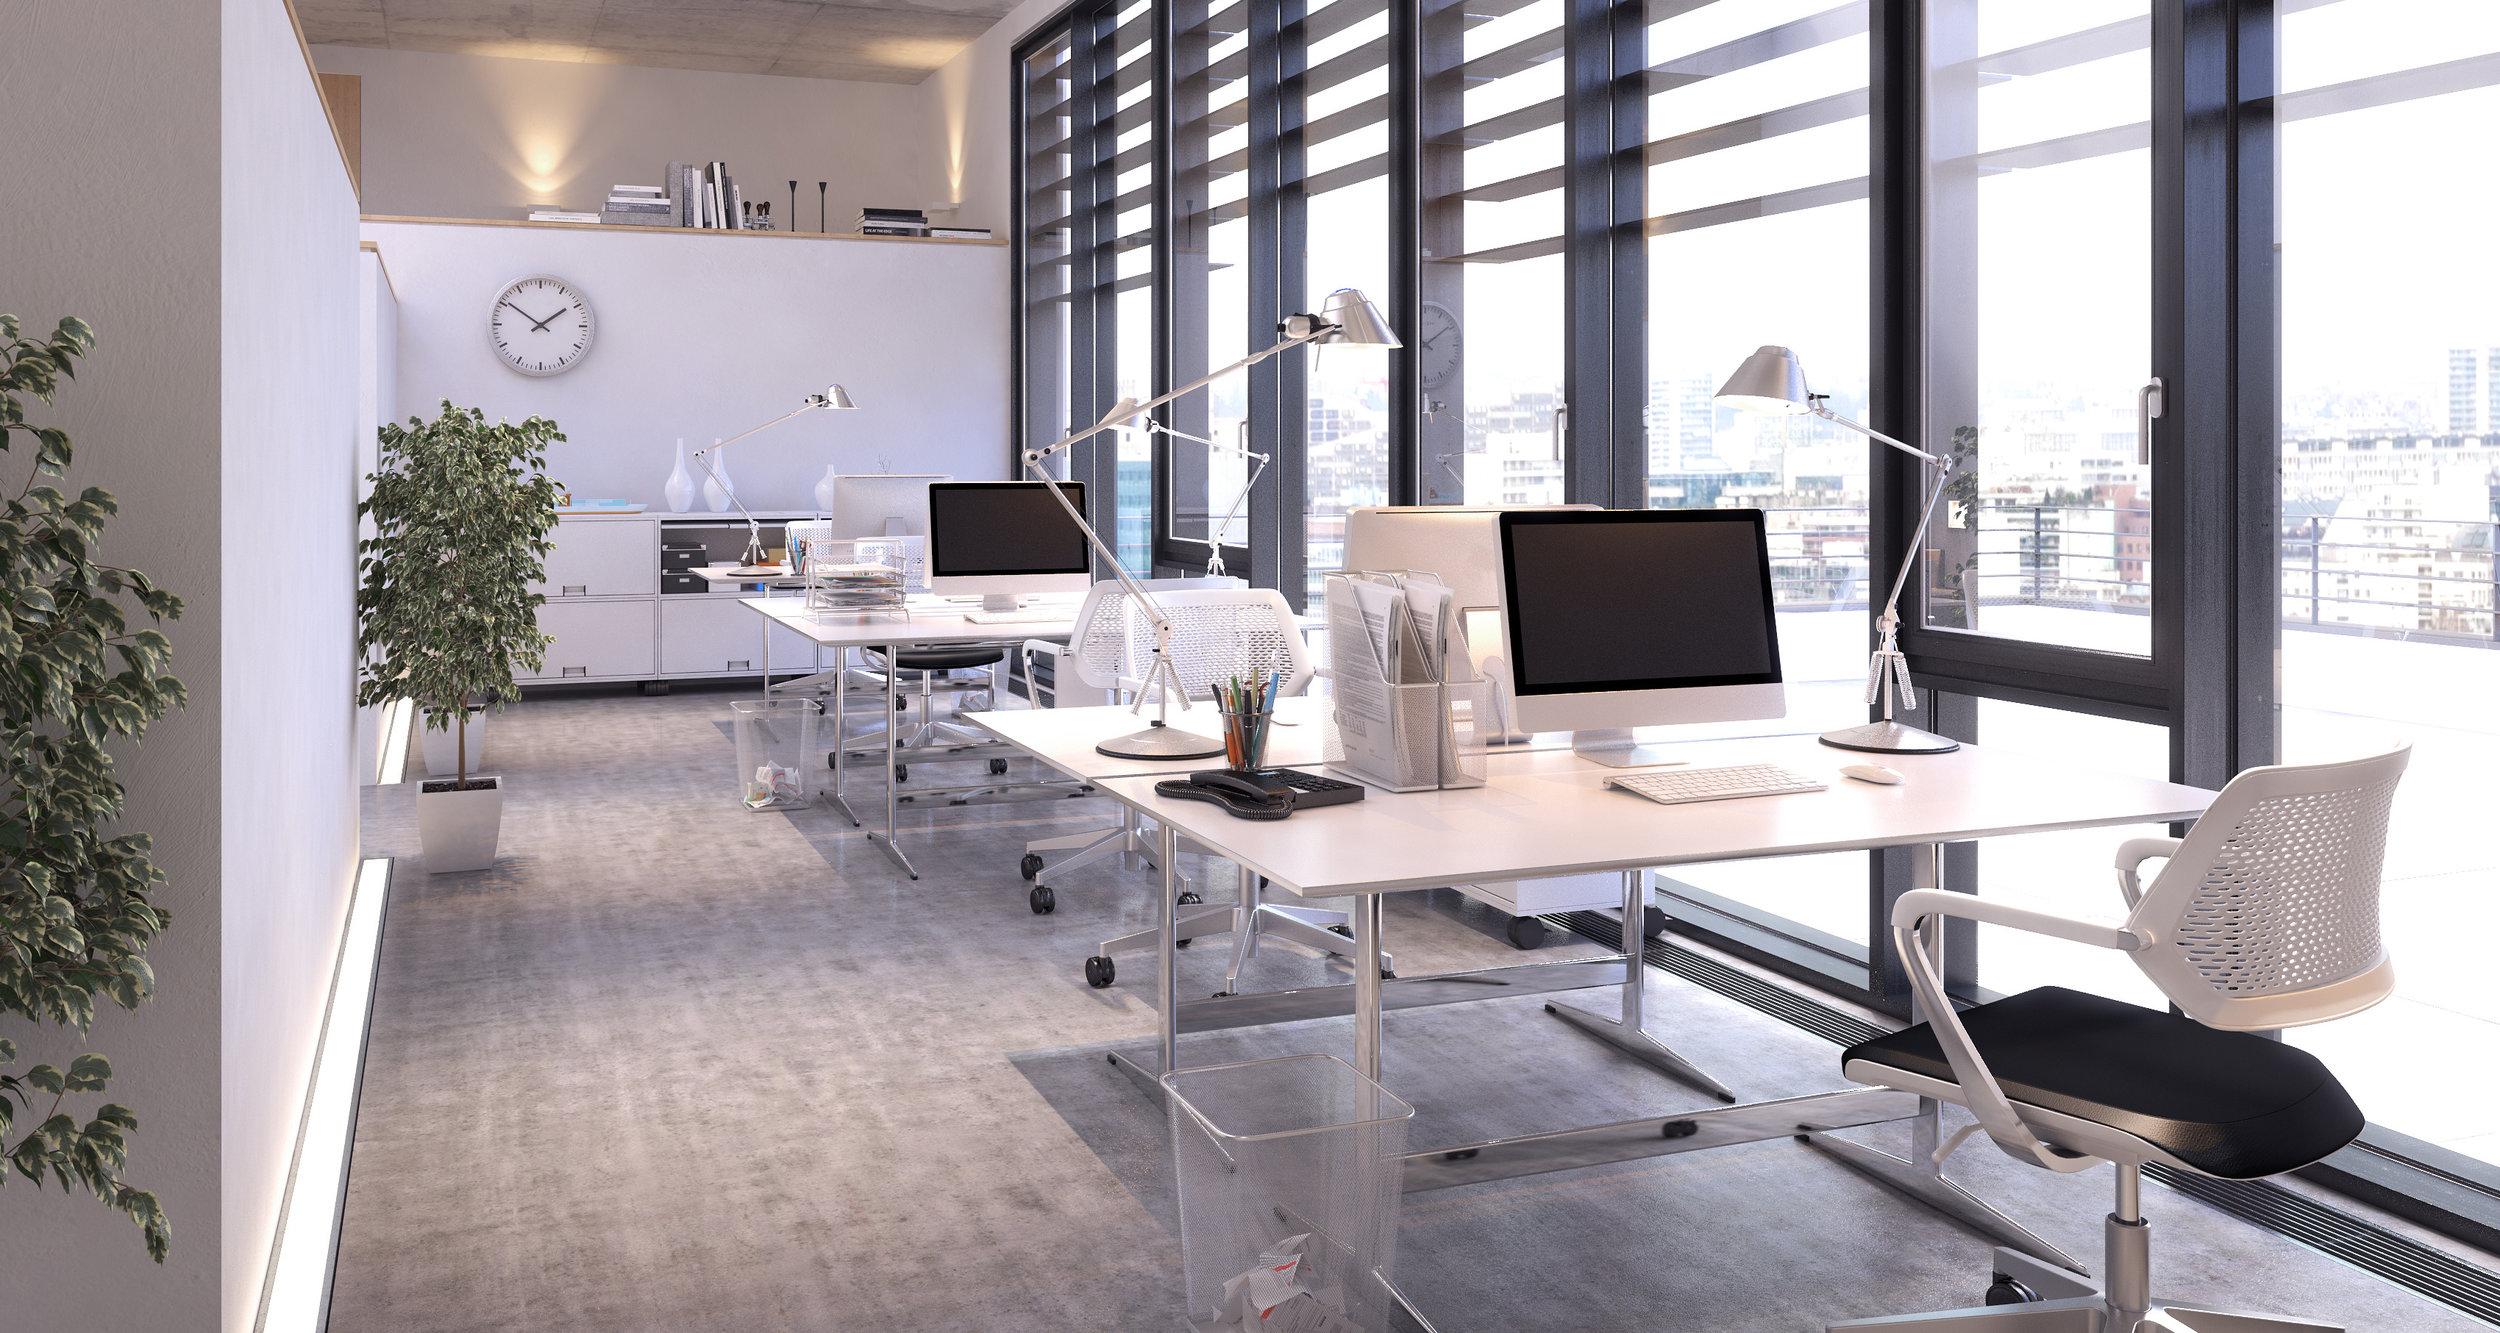 OFICINAS  - Dale una mirada a nuestros actuales proyectos en venta y alquiler